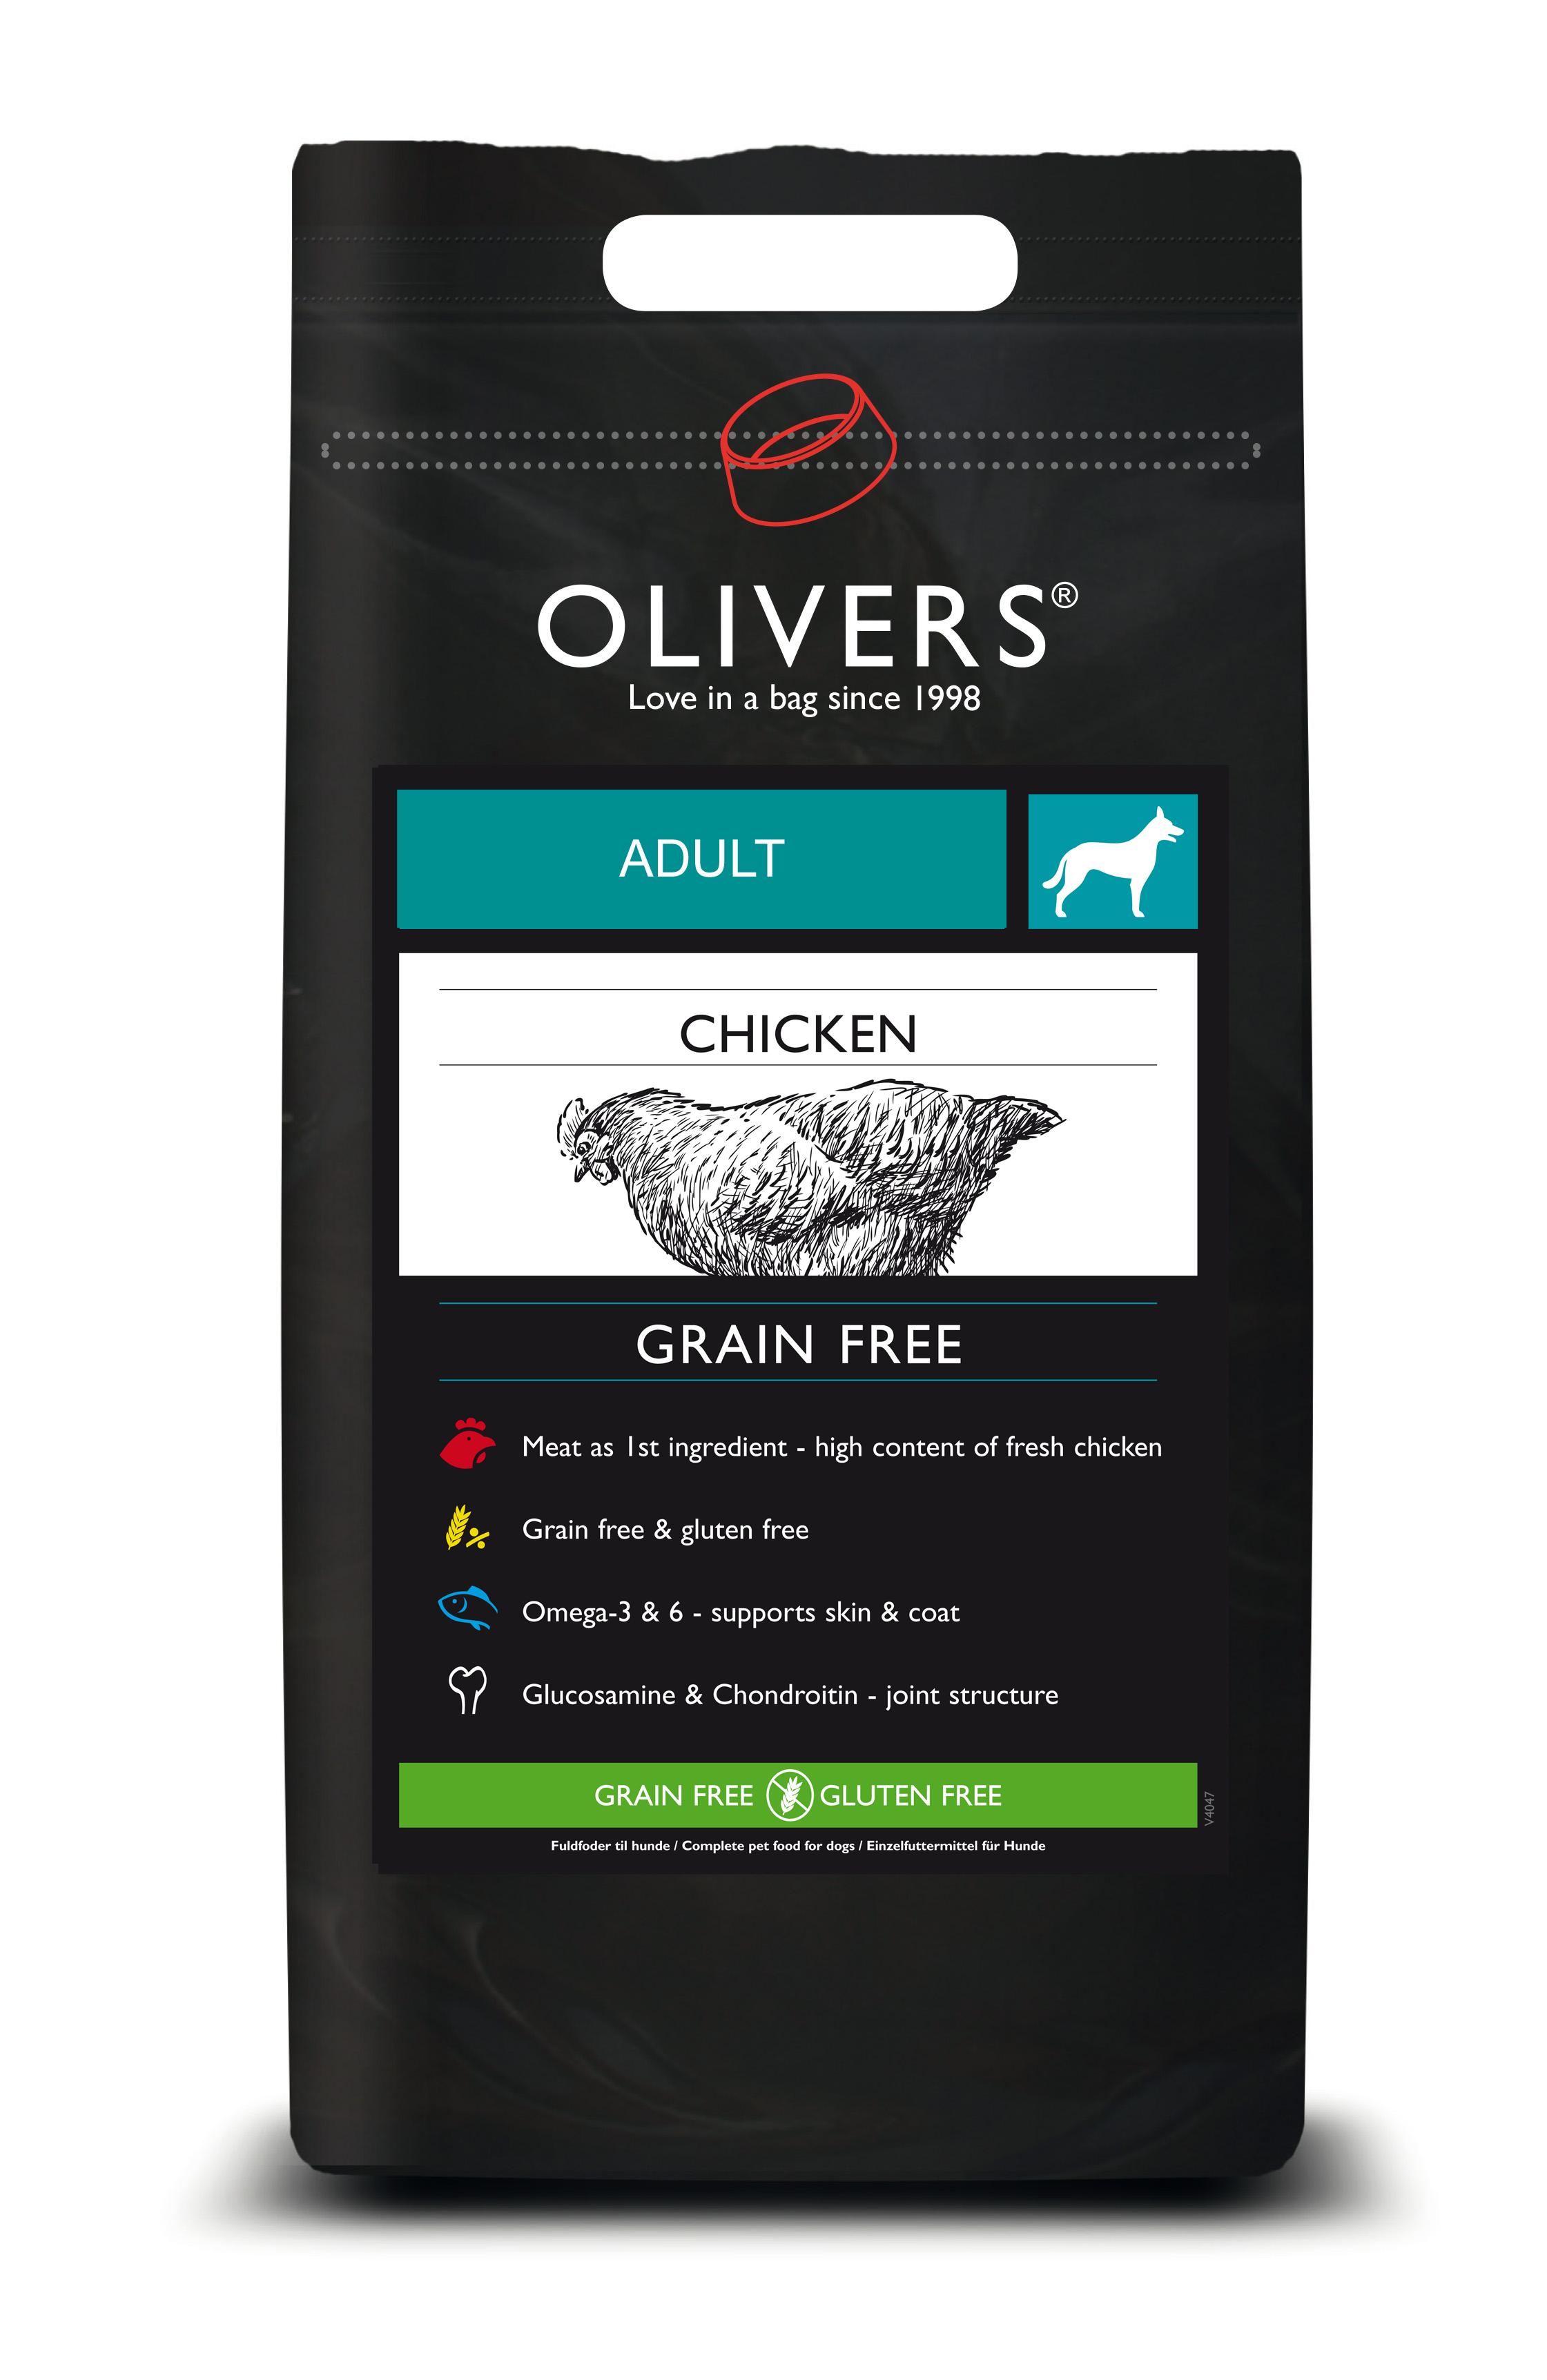 Chicken grain free adult